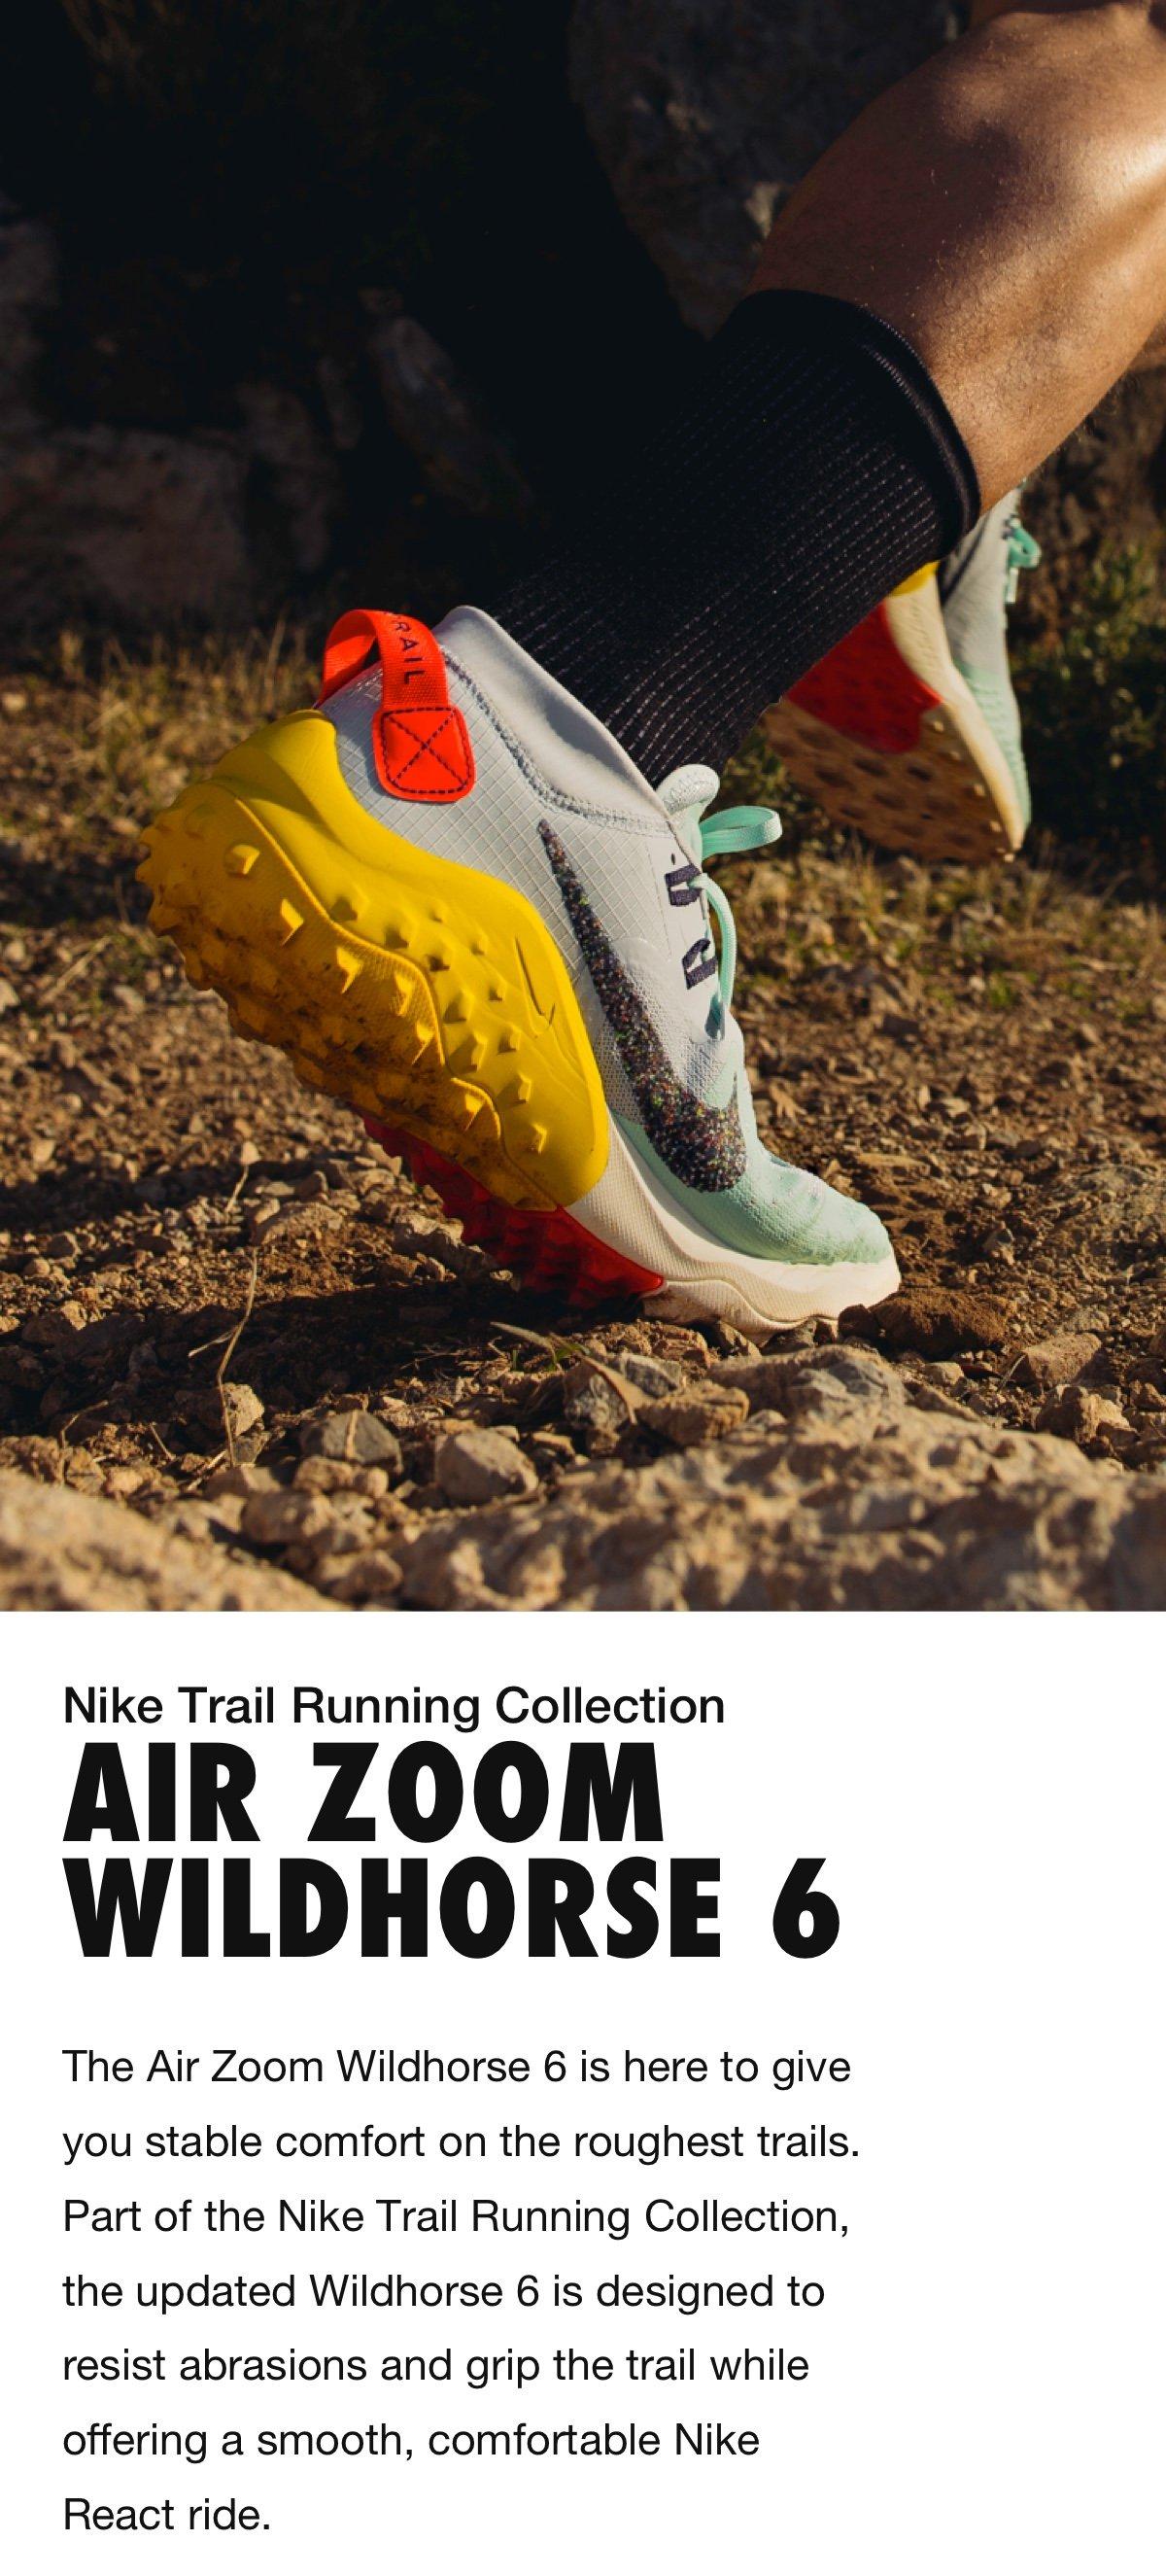 nike air zoom wildhorse 6